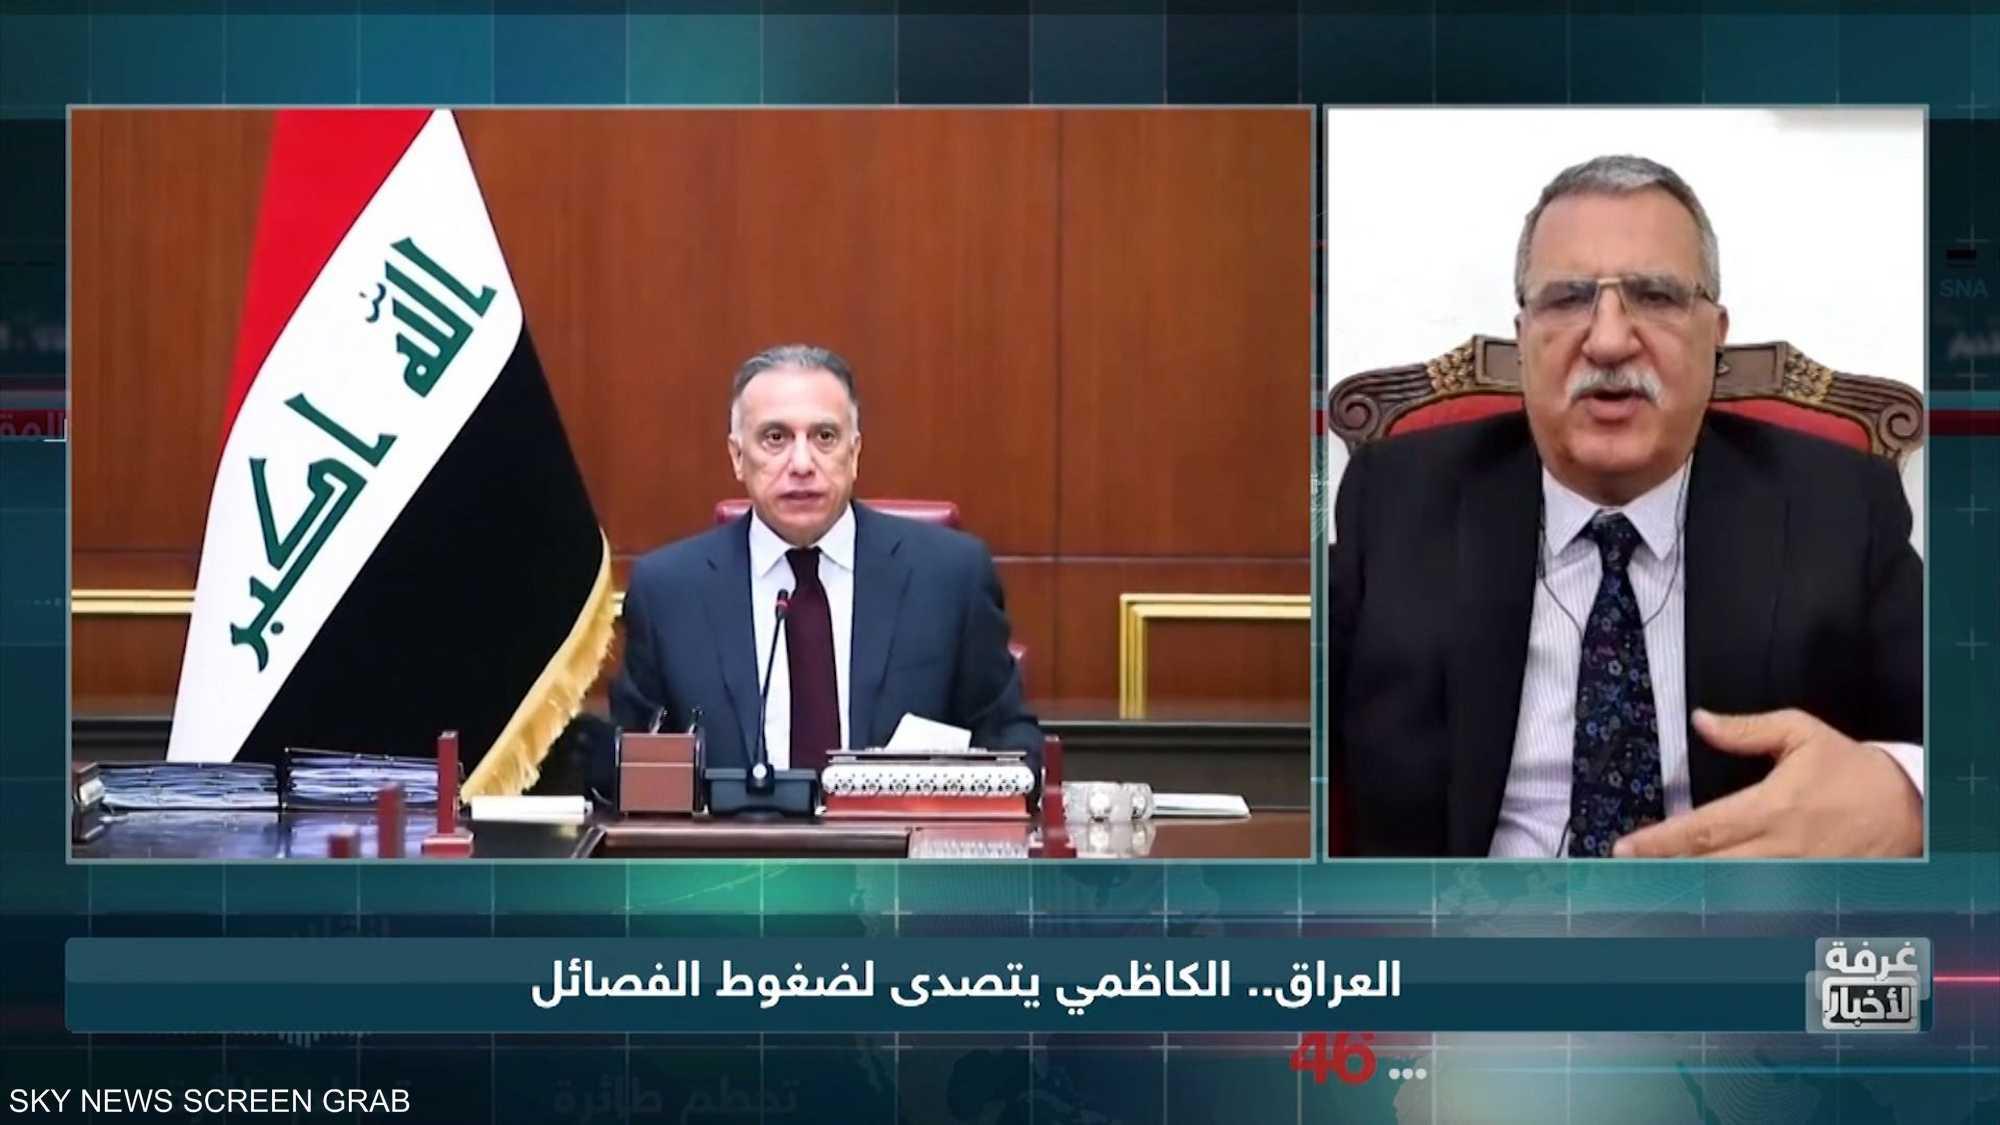 العراق.. الكاظمي يتصدى لضغوط الفصائل